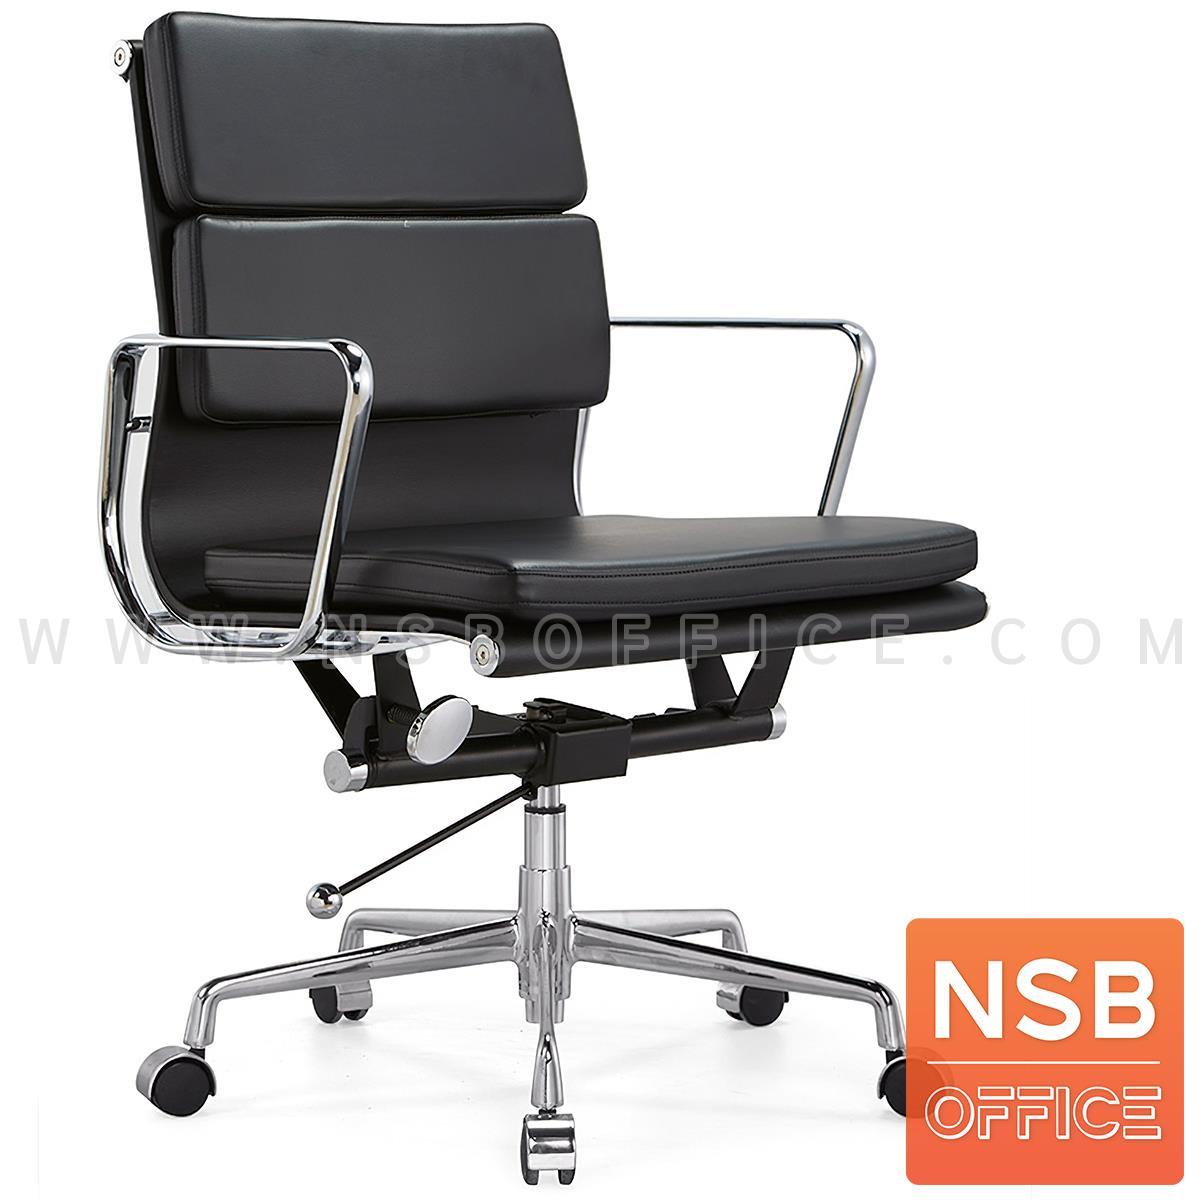 B03A522:เก้าอี้สำนักงาน รุ่น Cadera (คาเดร่า)  โช๊คแก๊ส ขาอลูมิเนียม